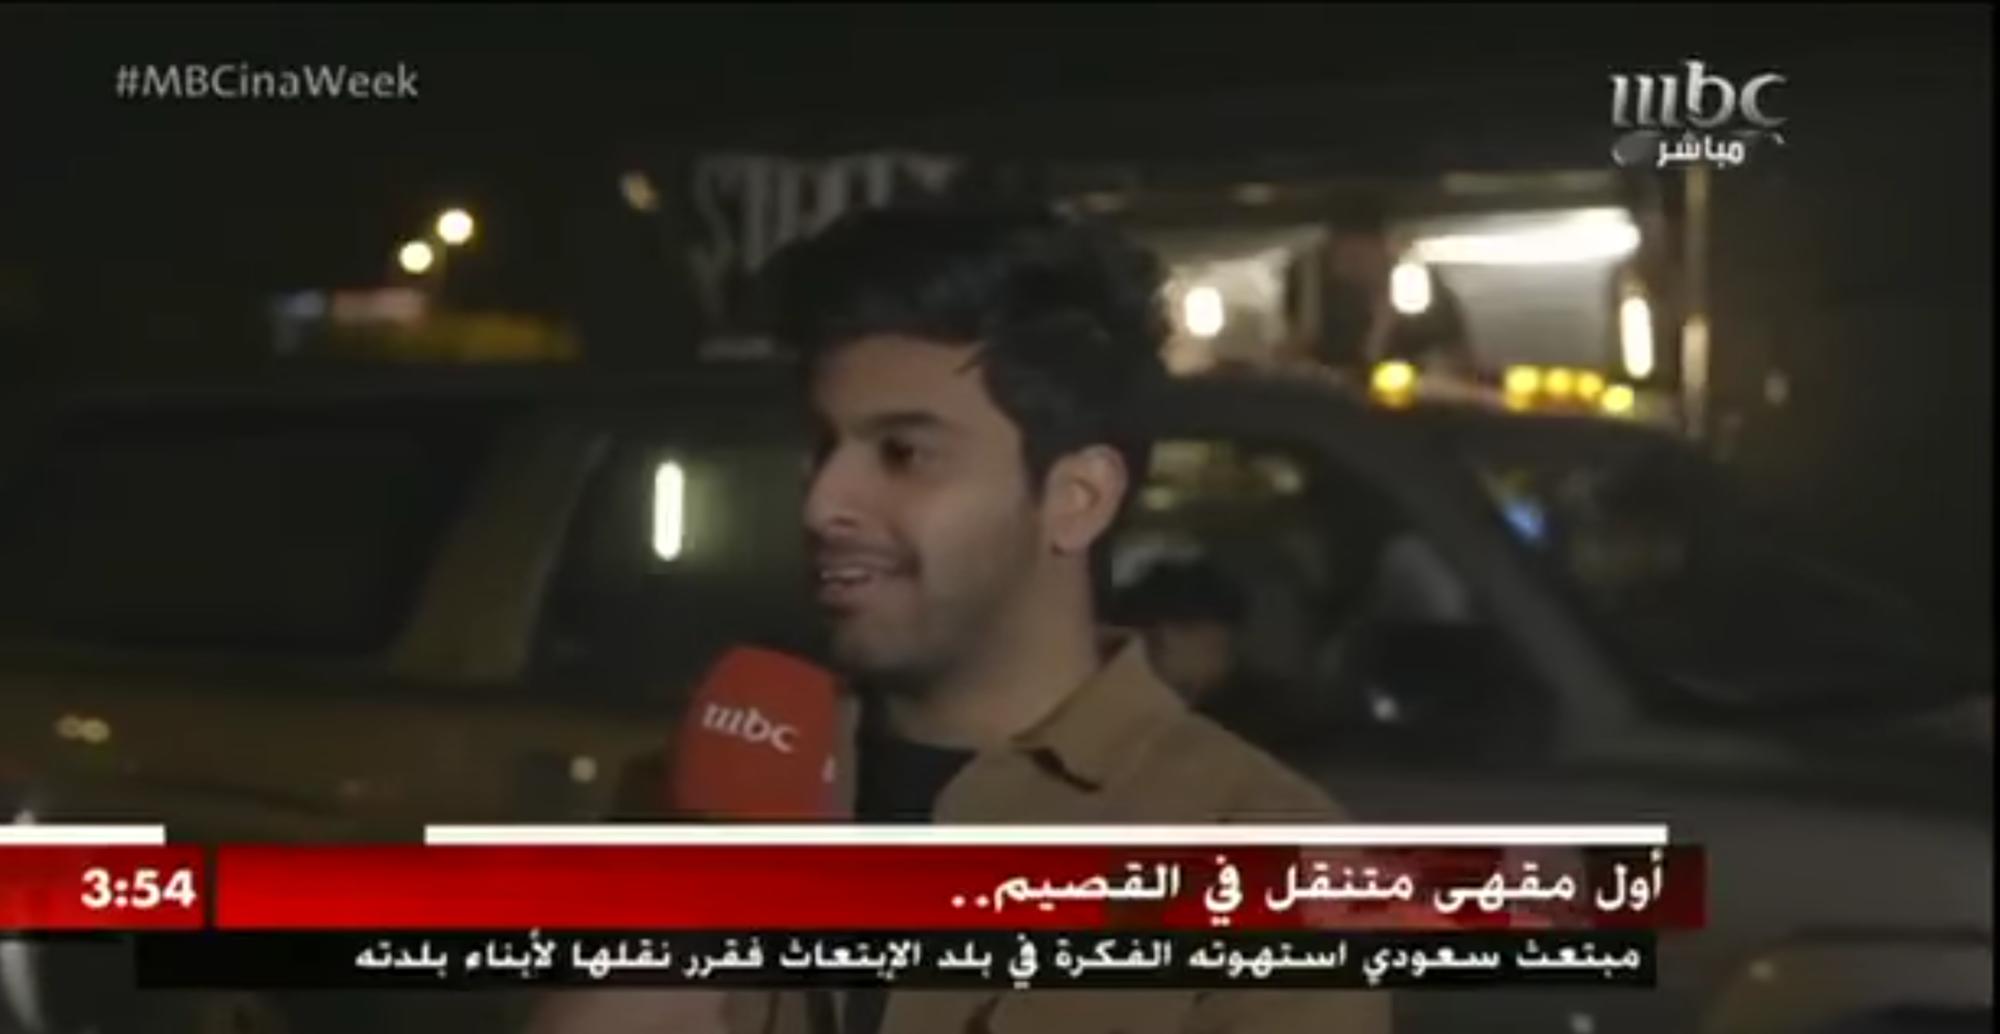 بالفيديو: شاب سعودي يفتتح أول مقهى متنقل بالقصيم.. وهذا شرط والده لكي يدعمه